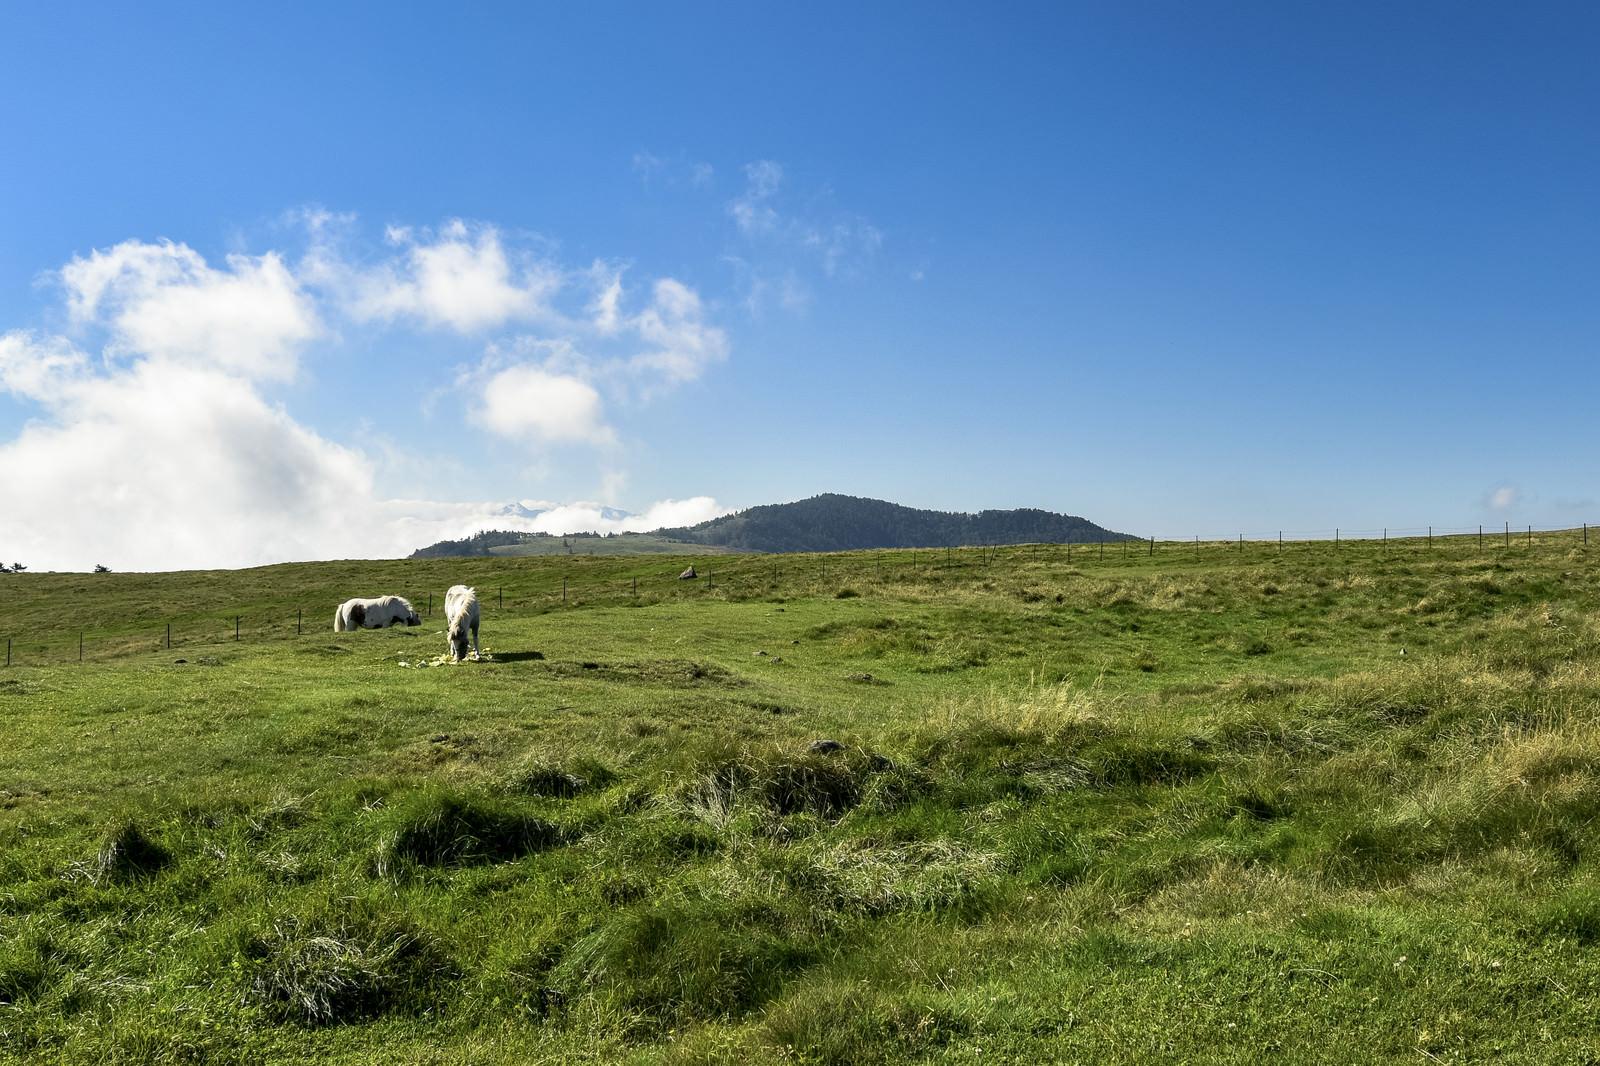 「美ヶ原に放牧された馬」の写真